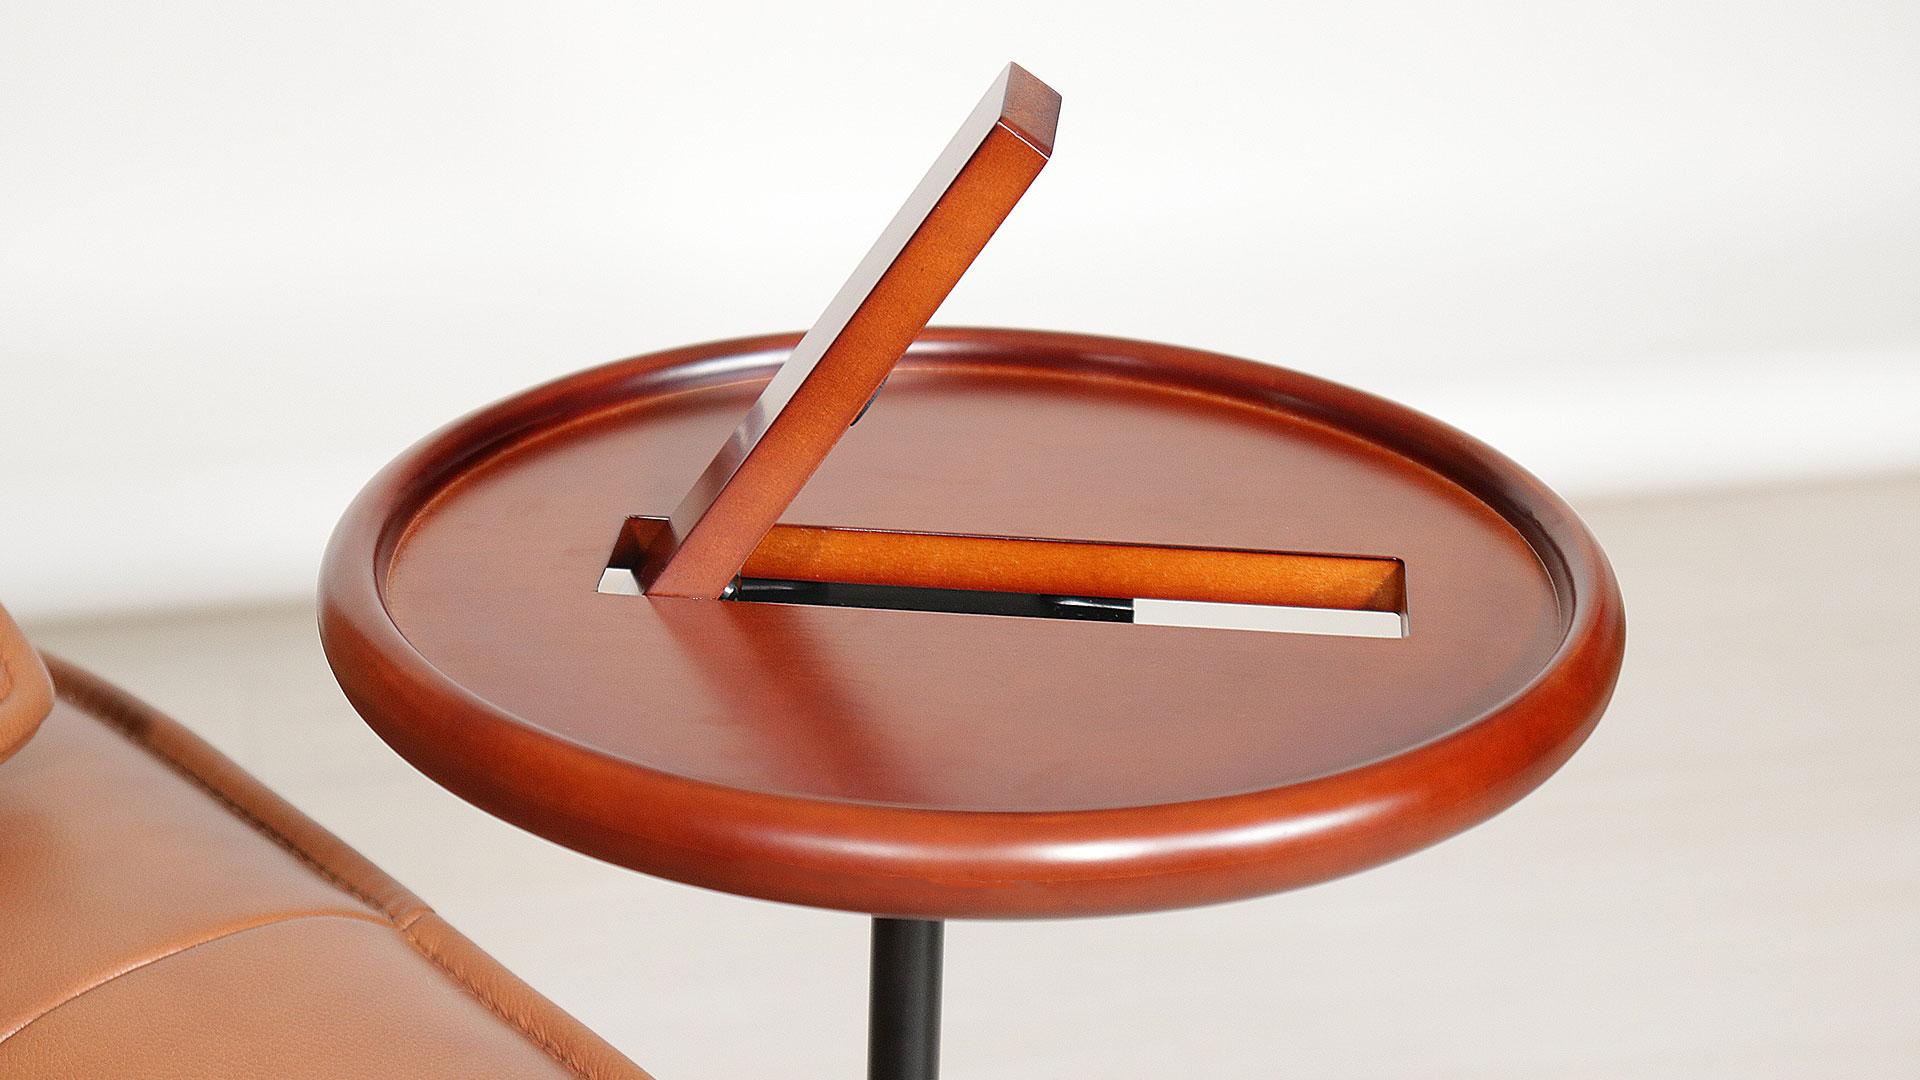 リビンズのリクライニングチェア「カミール」のミニテーブルの画像